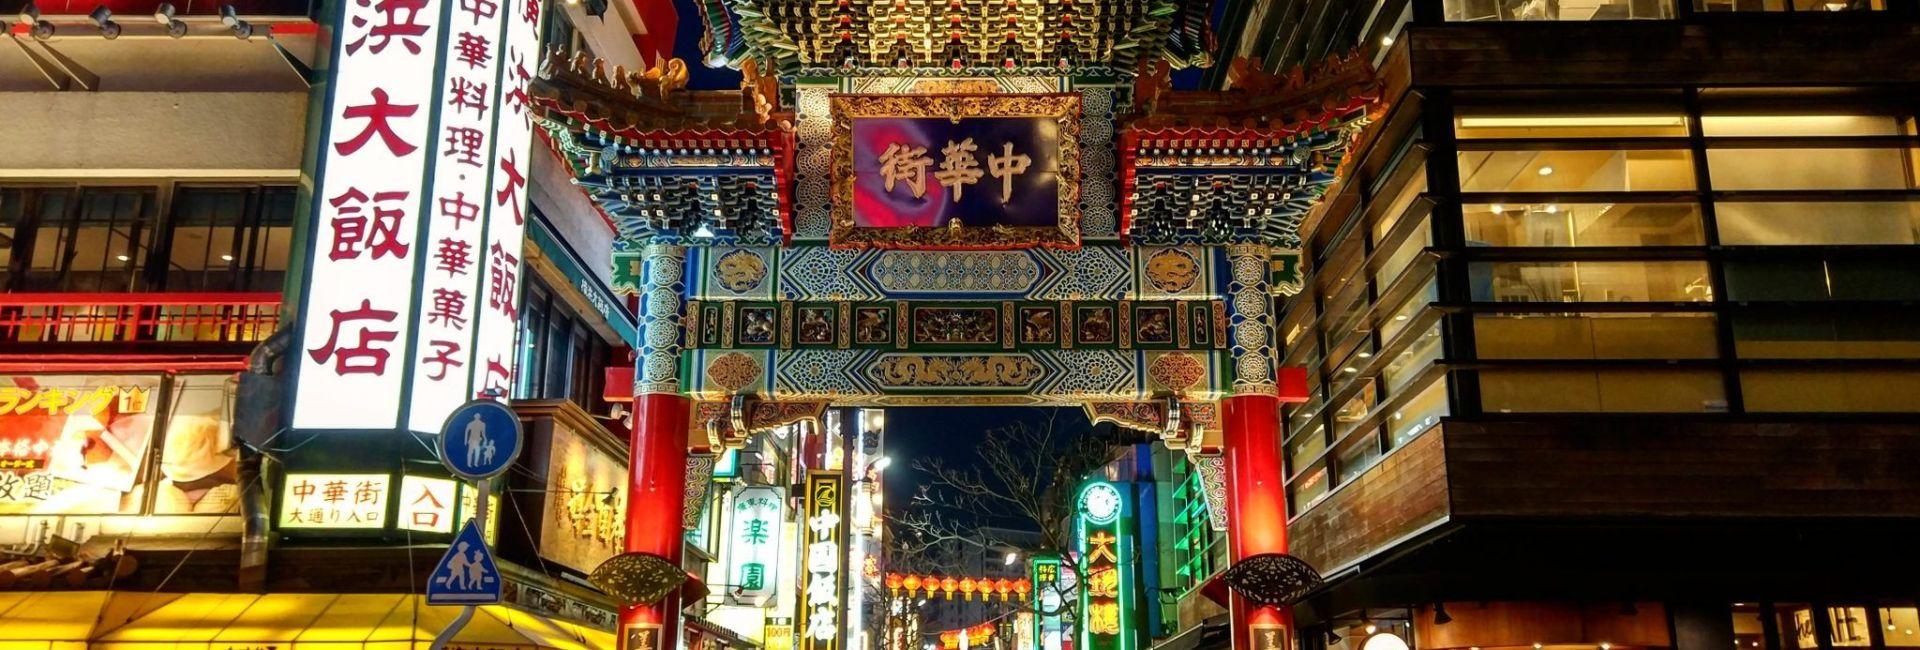 Japón — Día 1 — Entrada al país y paseo por Yokohama